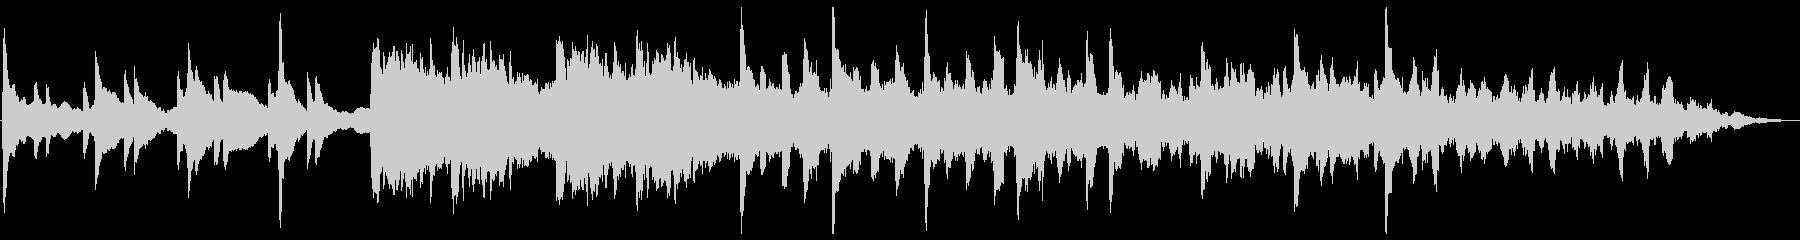 悲しいピアノ・エレクトリックの未再生の波形